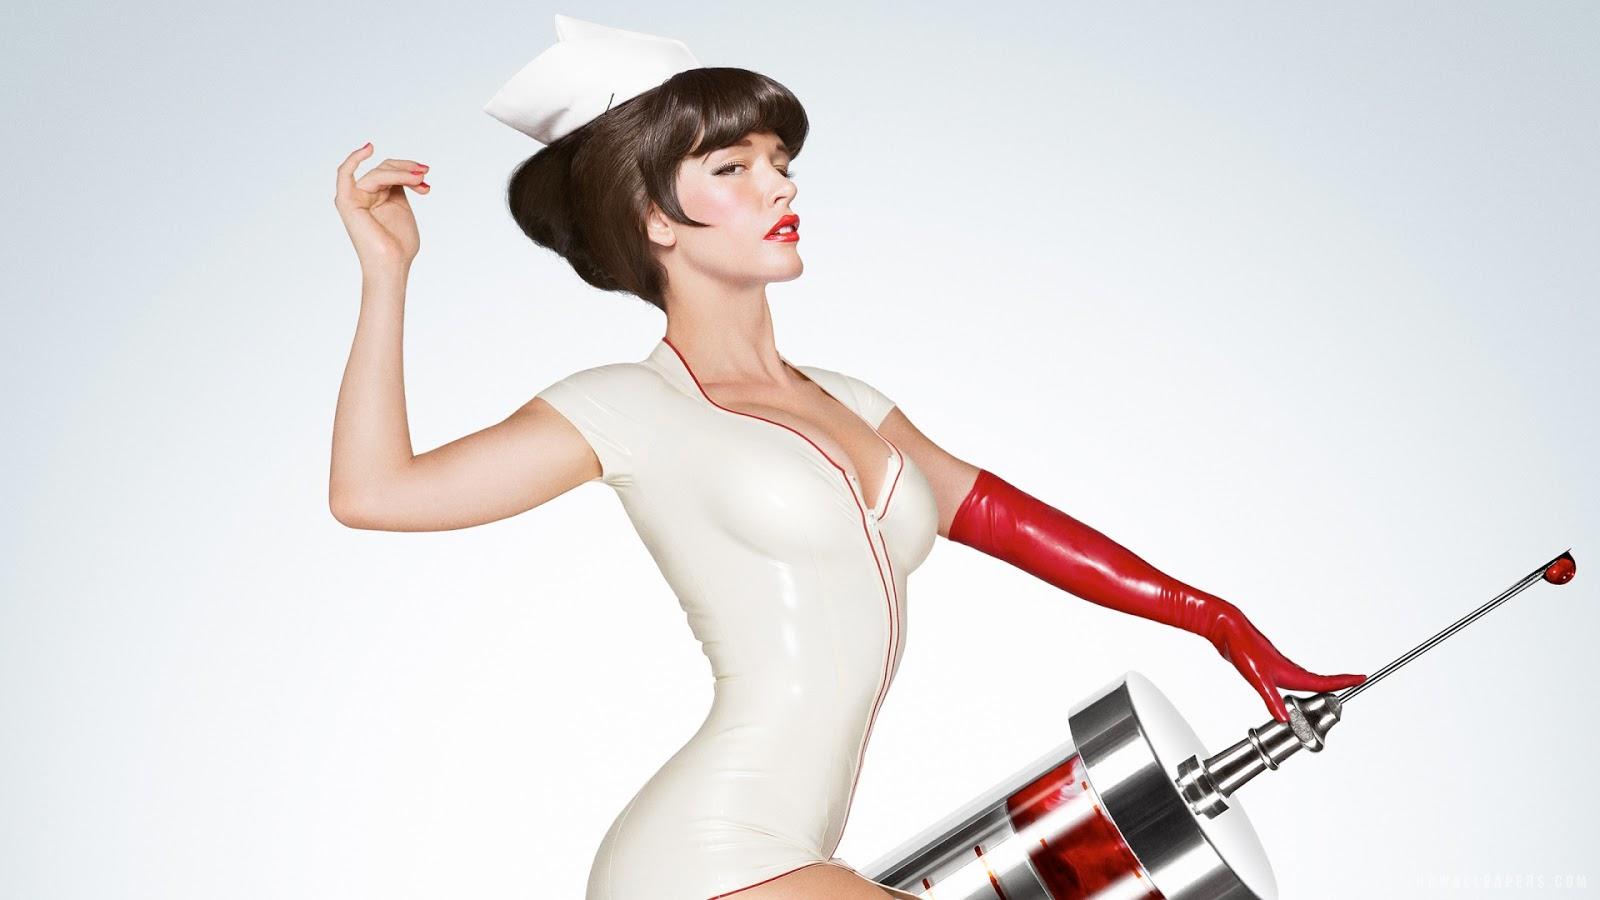 Hot nurse pics